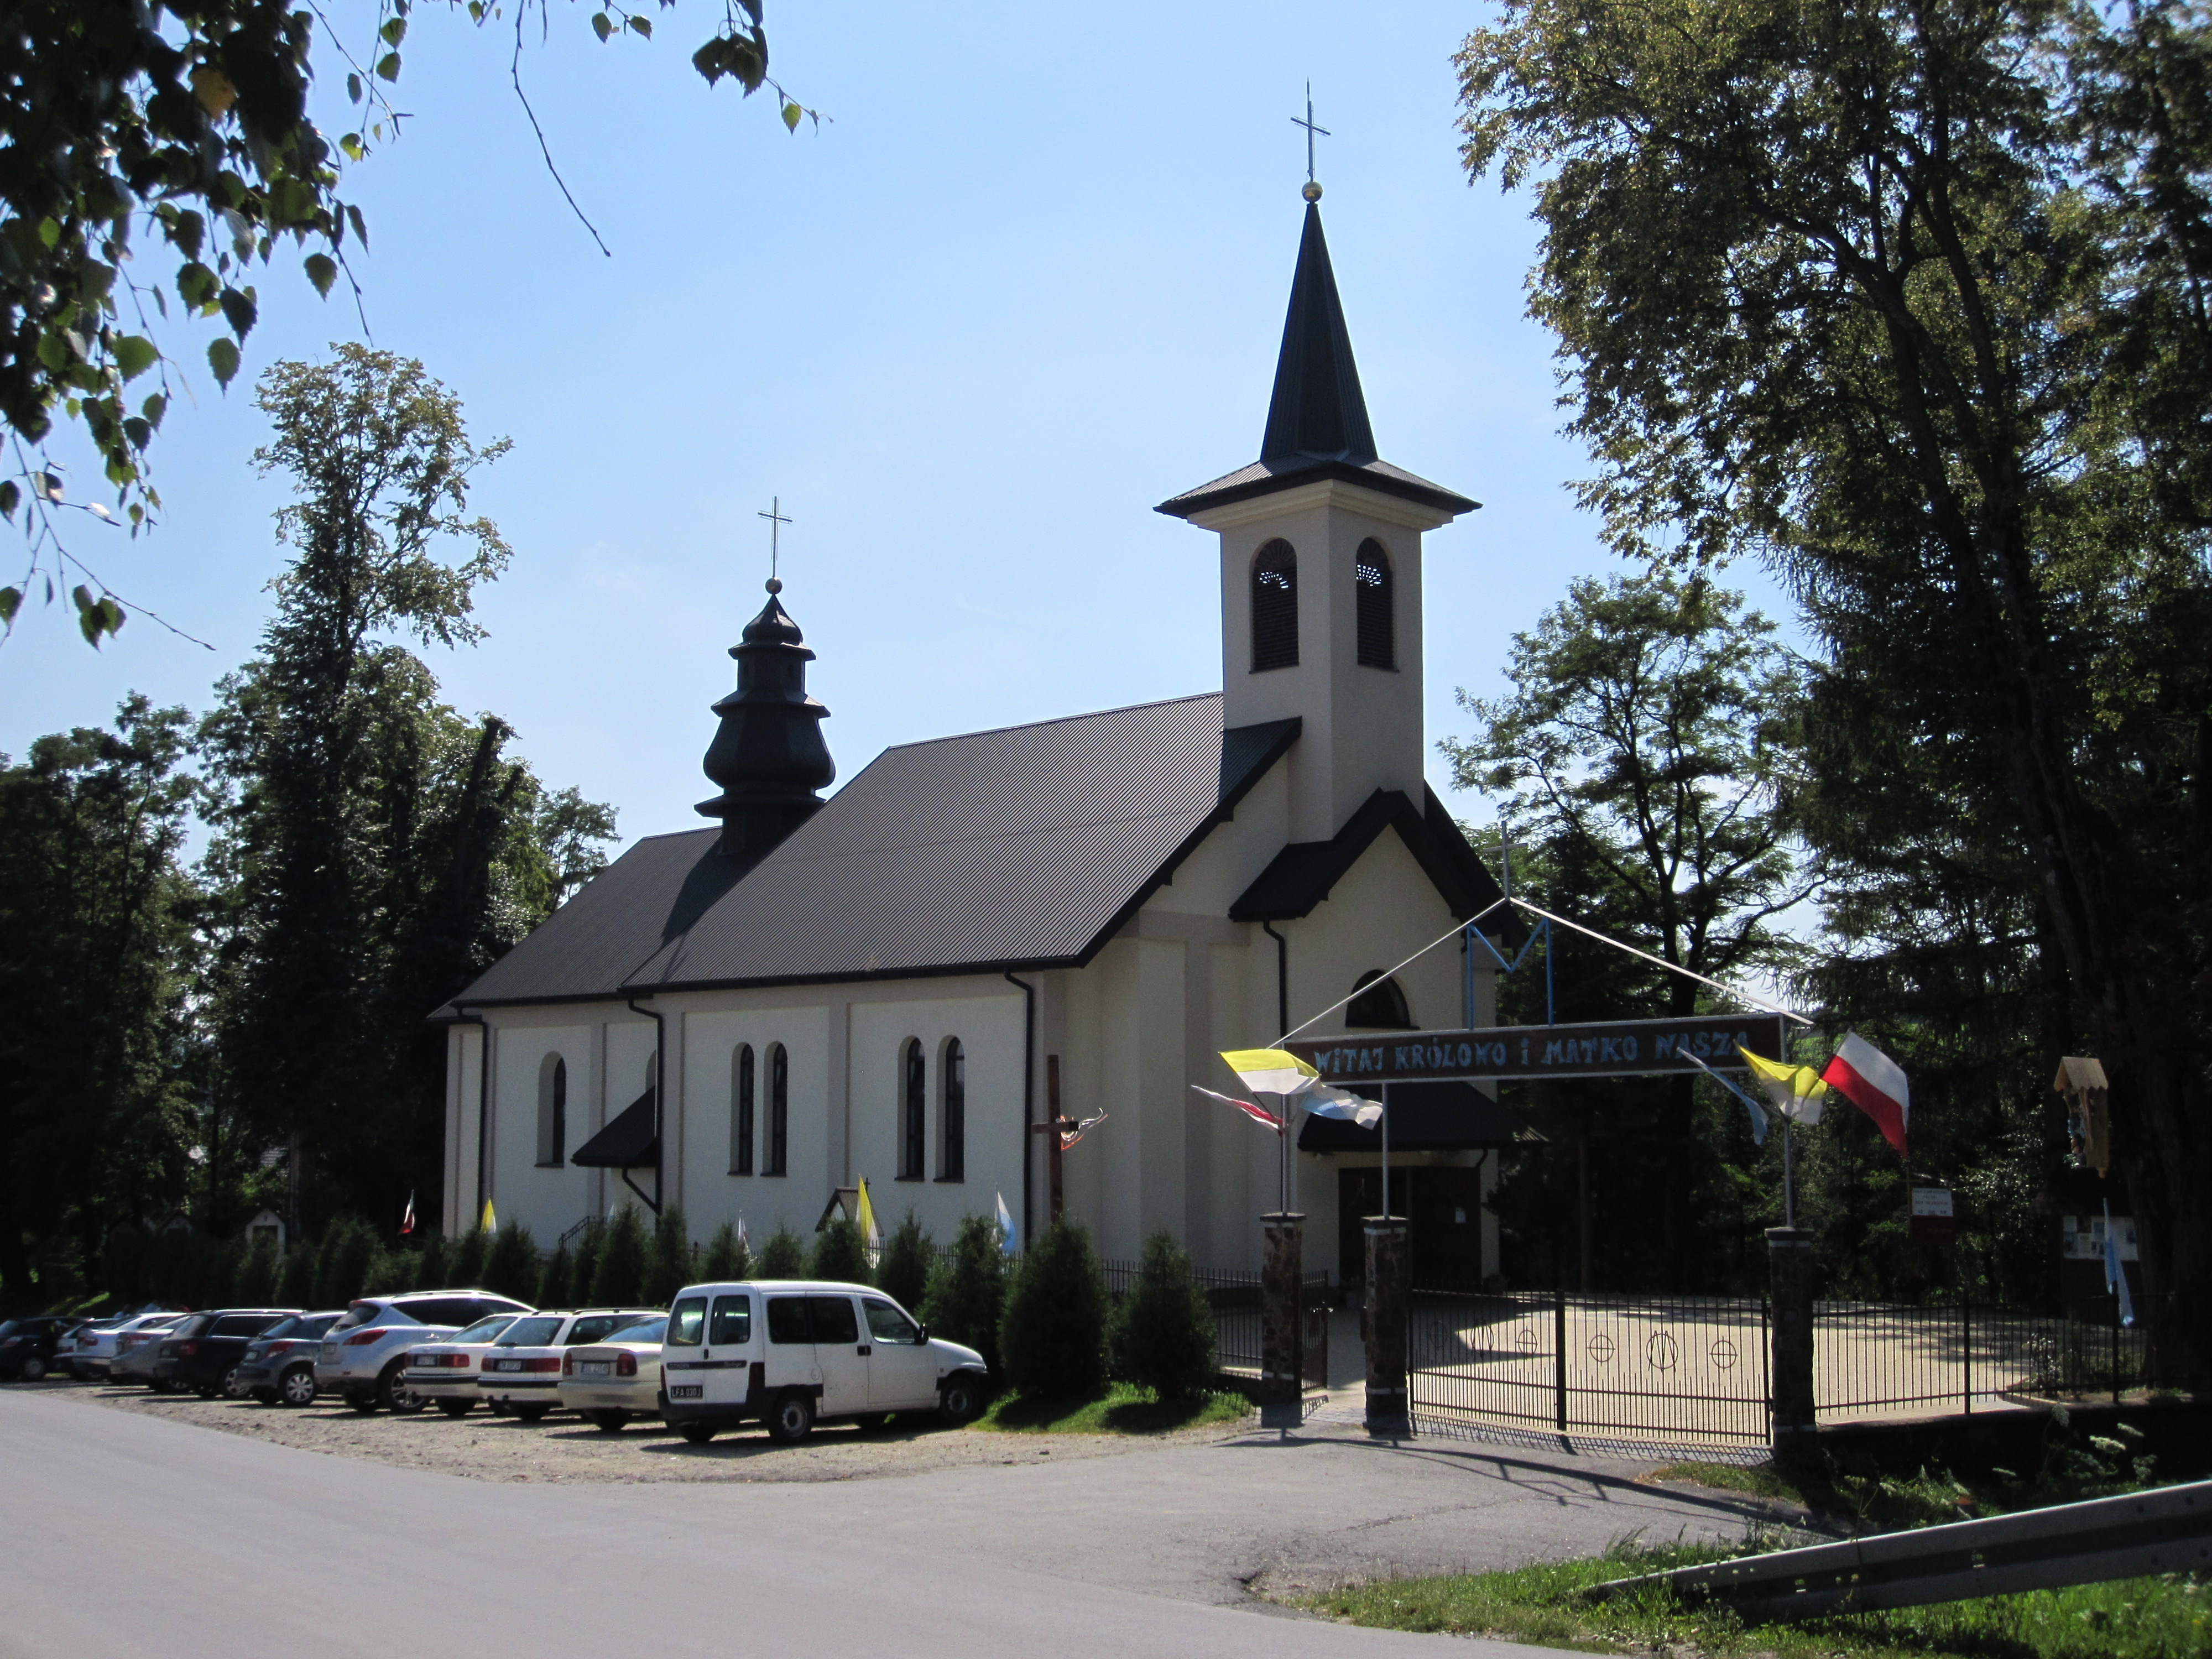 Cerkiew św. Męczennicy Paraskewii w Polańczyku obecnie kościół Najświętszej Maryi Panny Królowej Polski